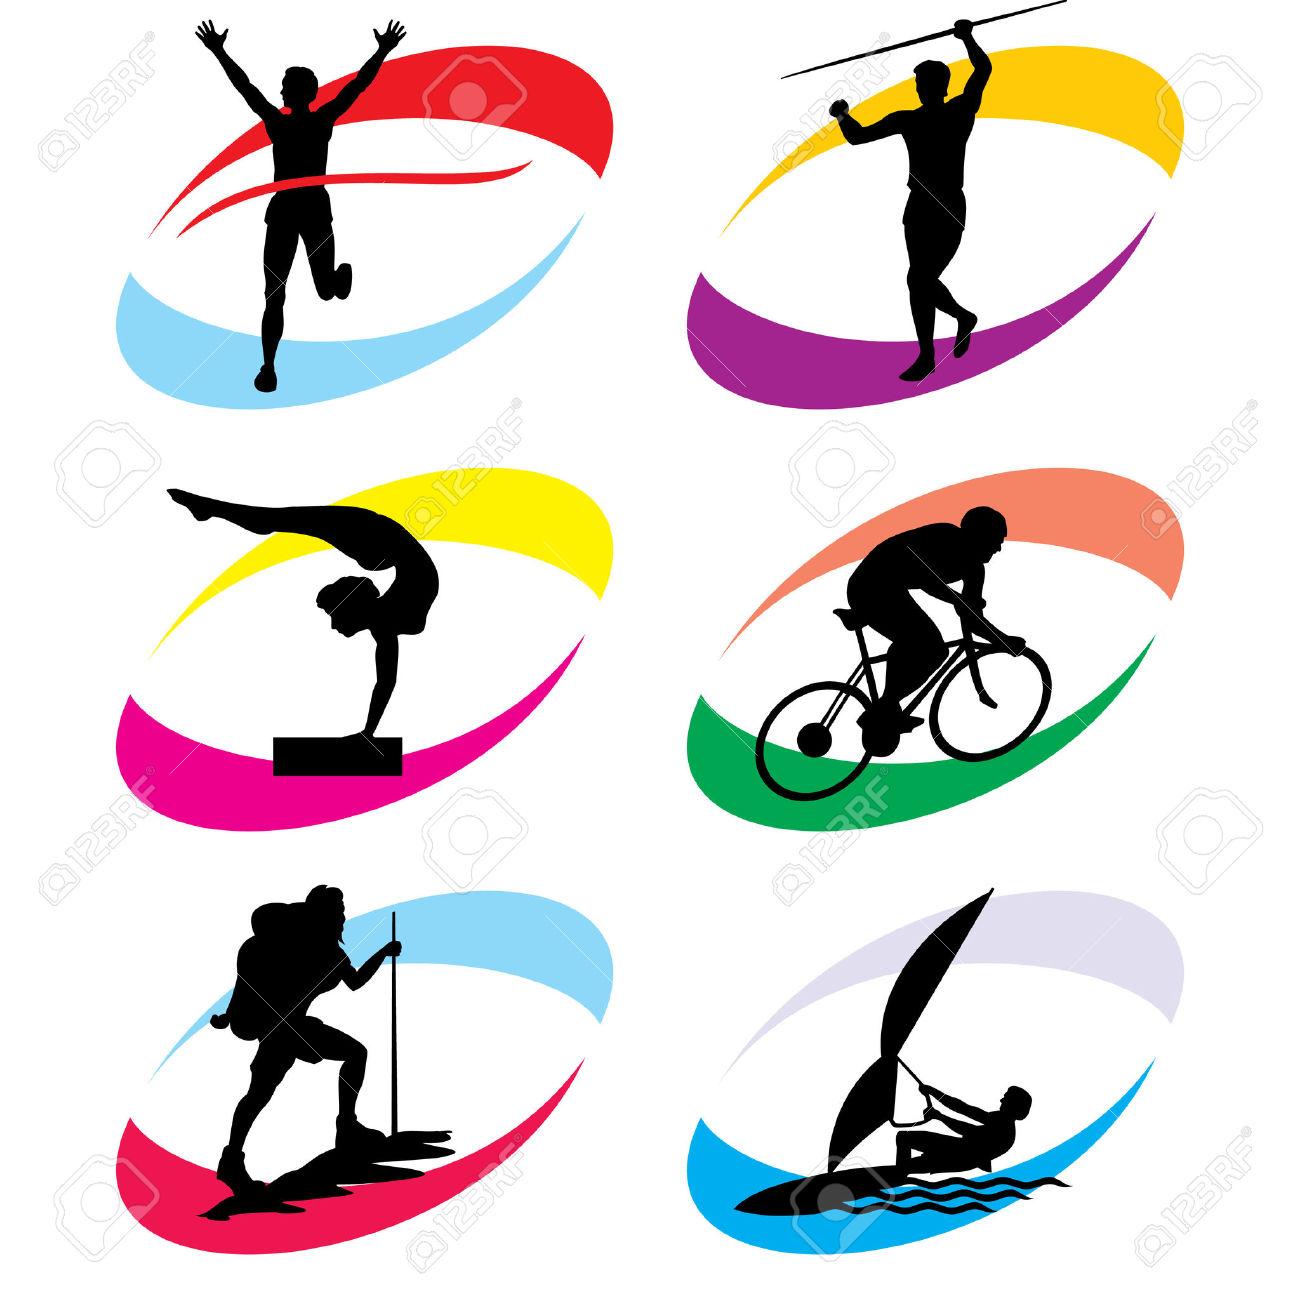 Clipart jeux olympiques gratuit image royalty free library Clipart jeux olympiques - ClipartFox image royalty free library